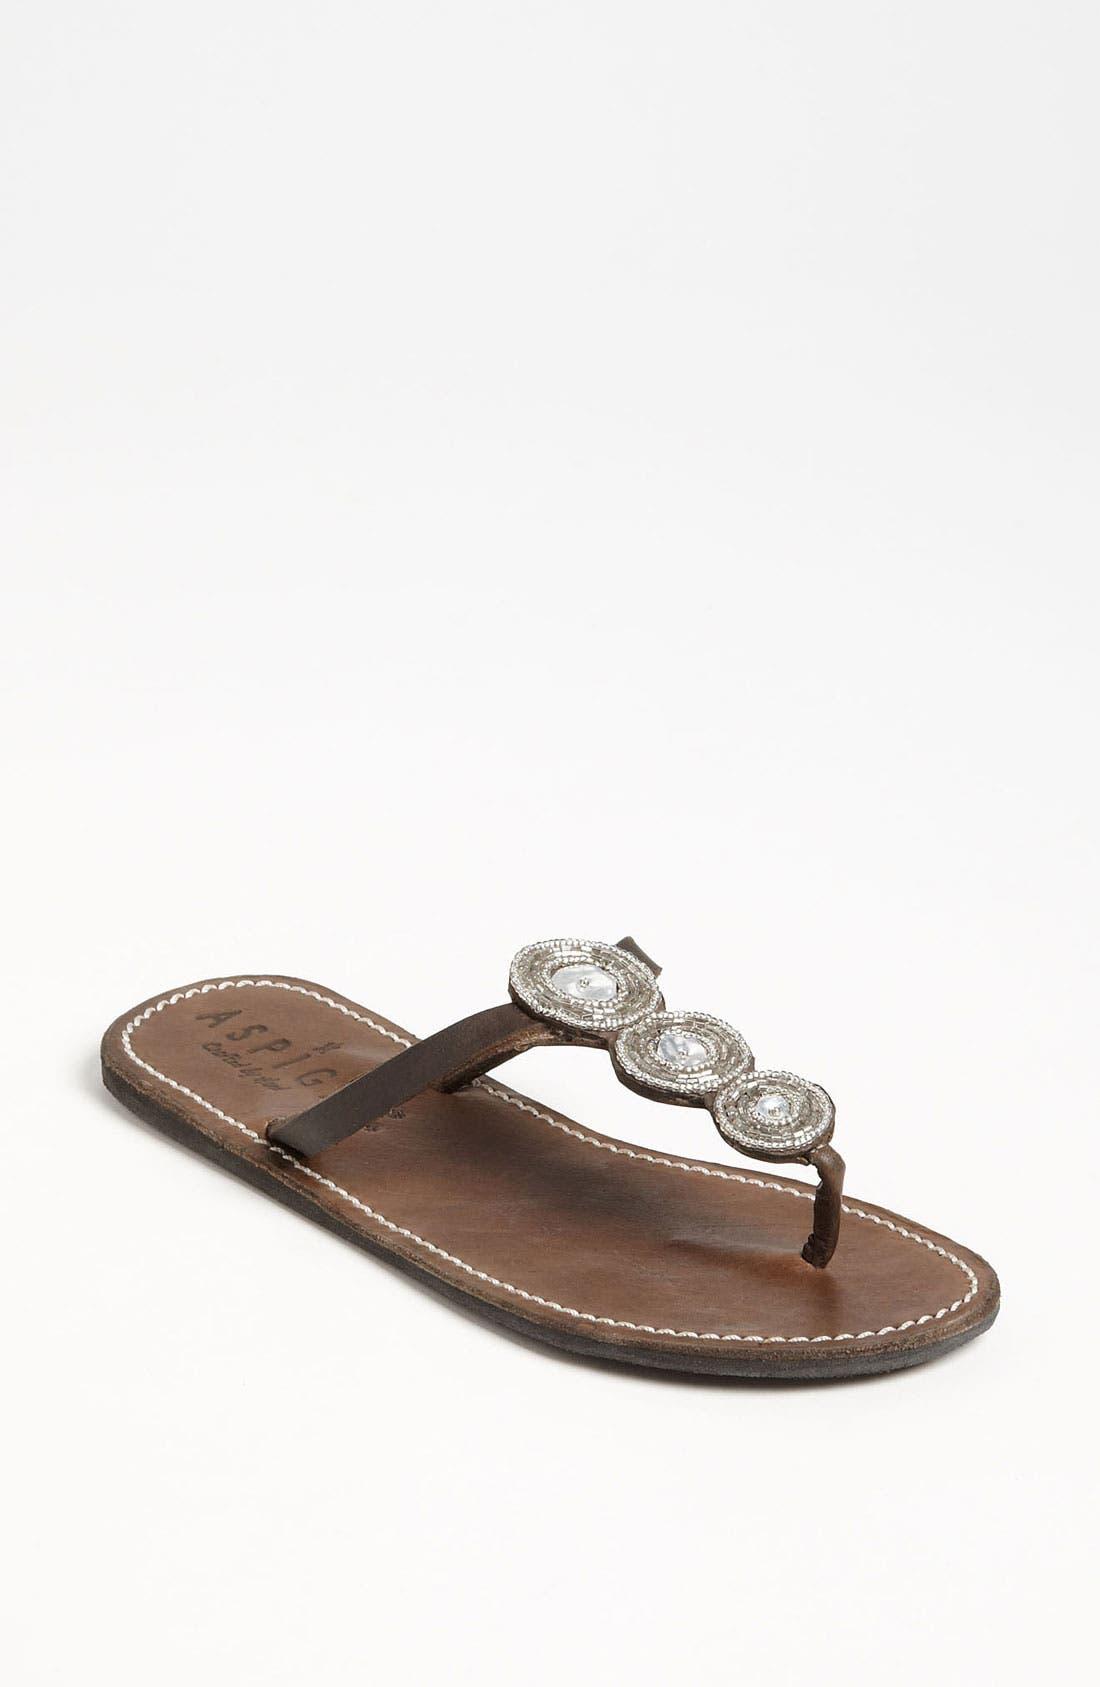 Main Image - Aspiga 'Mahati' Sandal